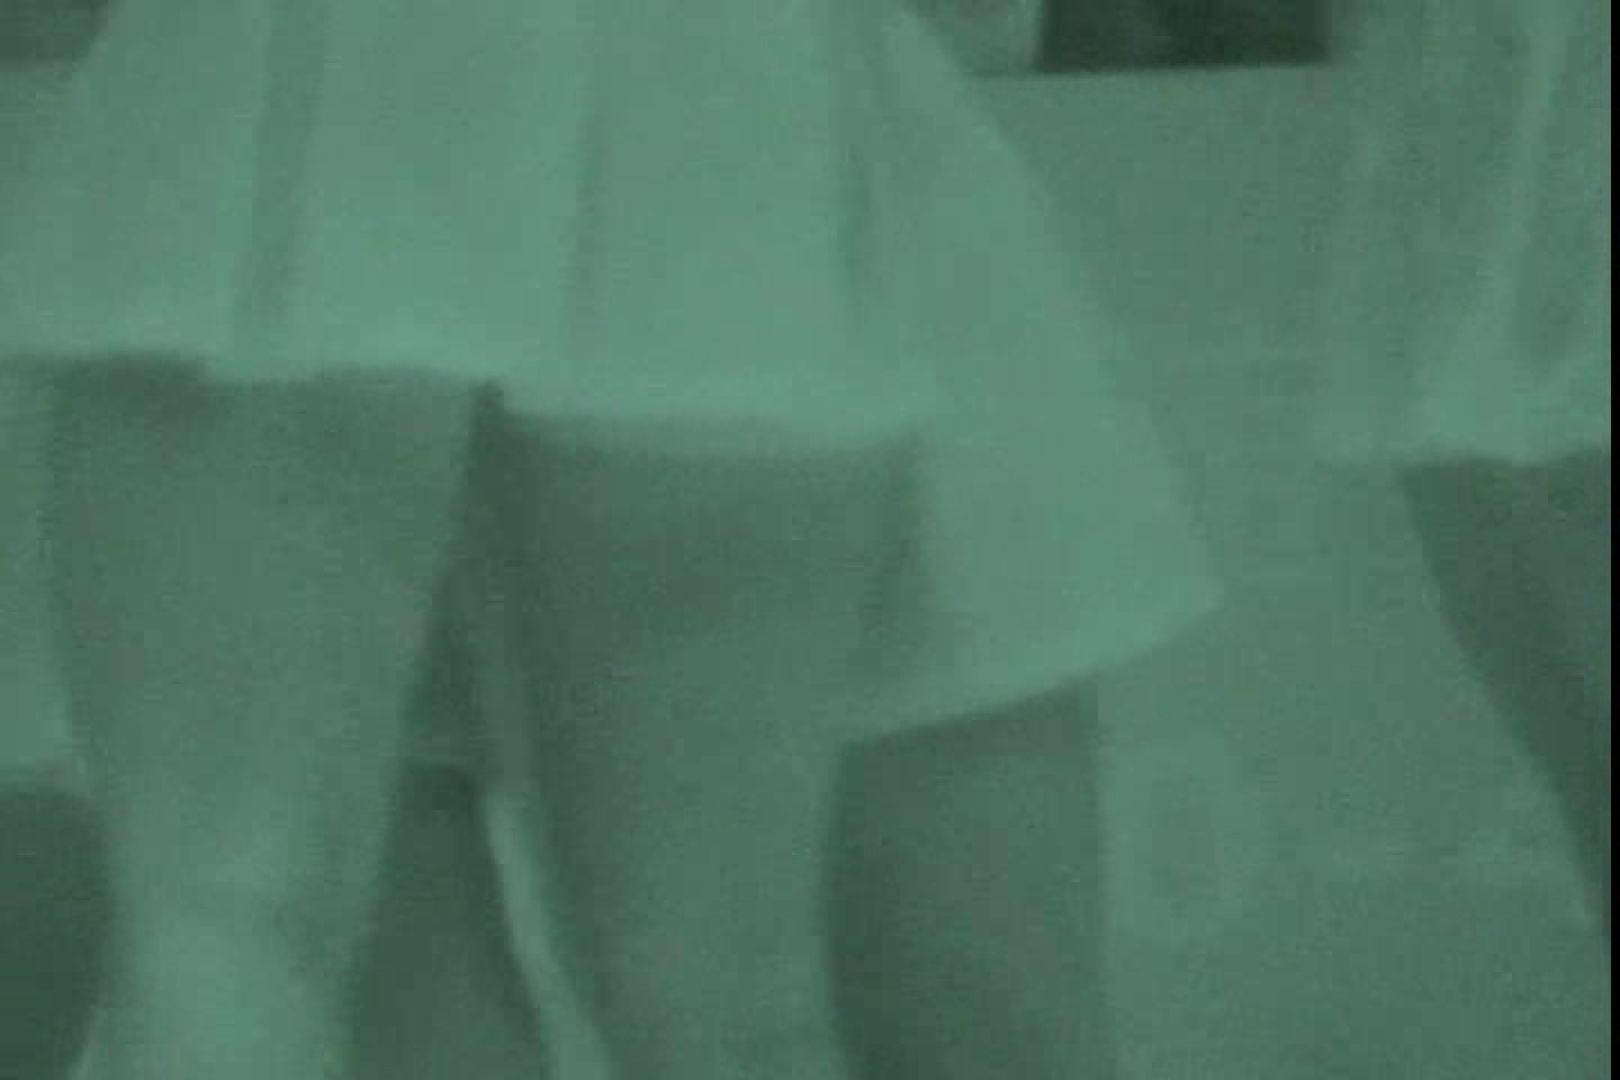 赤外線ムレスケバレー(汗) vol.02 OL女体 覗きおまんこ画像 84連発 78